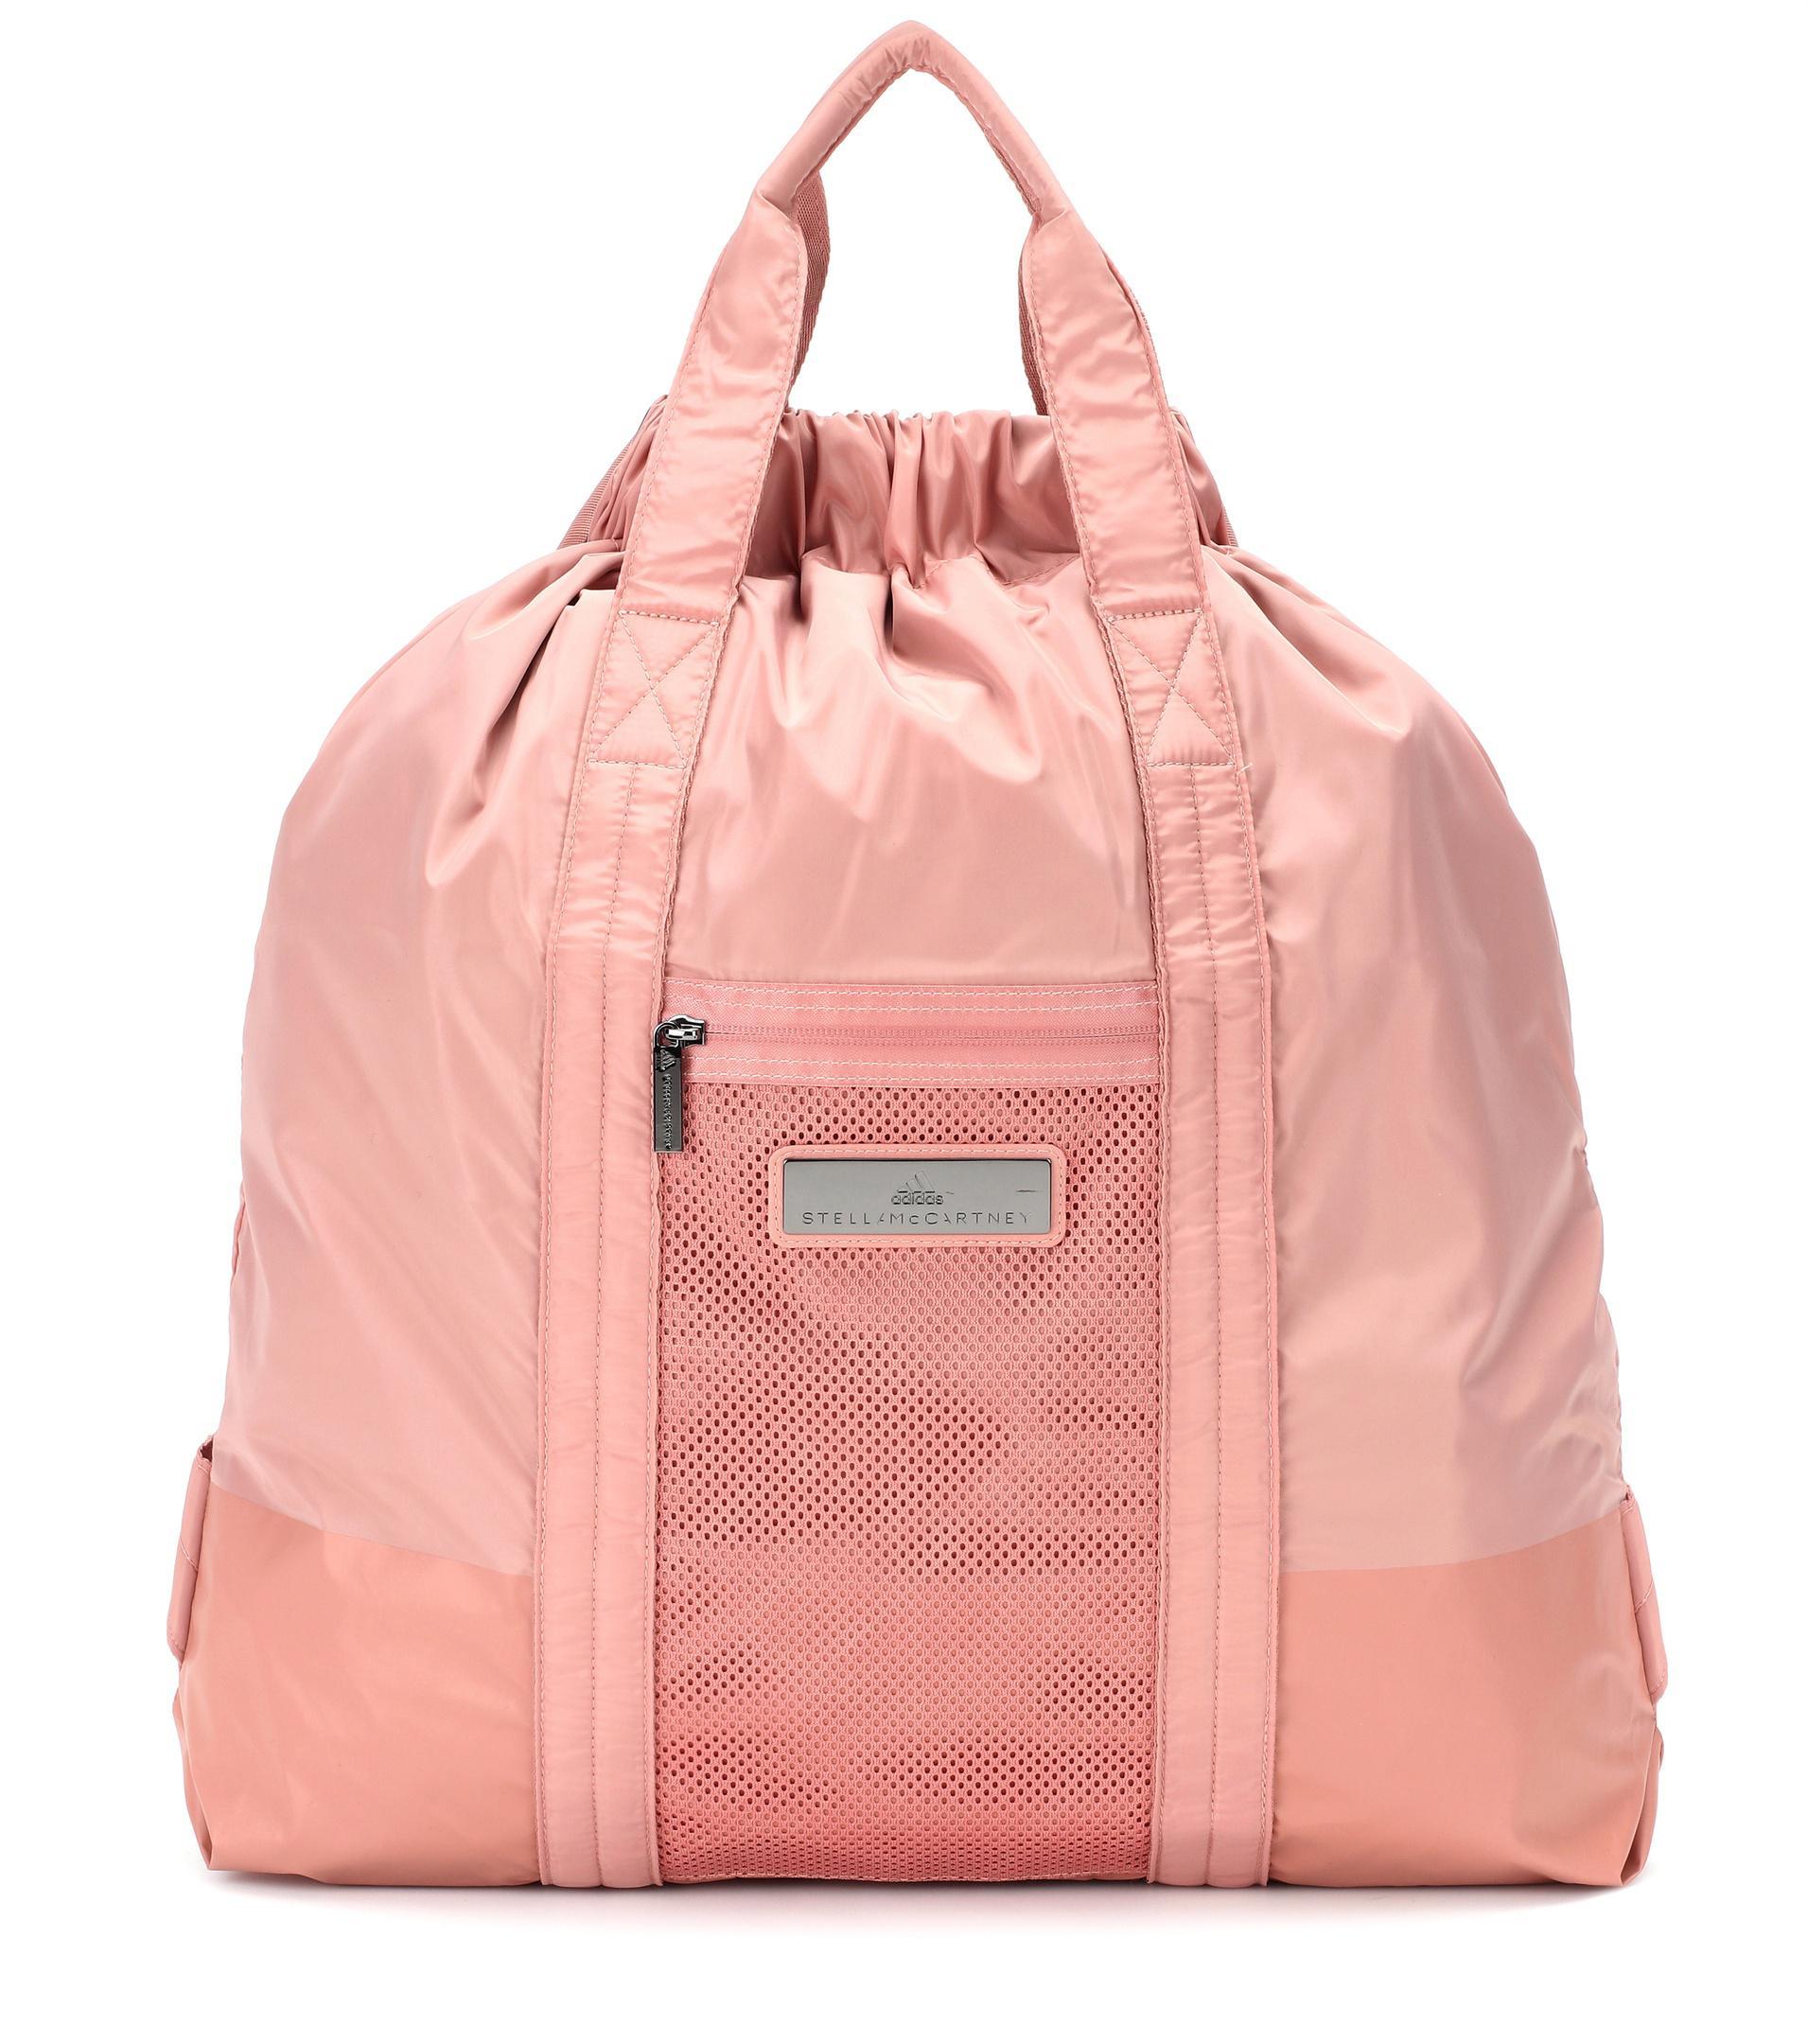 Lyst - adidas By Stella McCartney Gym Bag in Pink 0ef7464d35